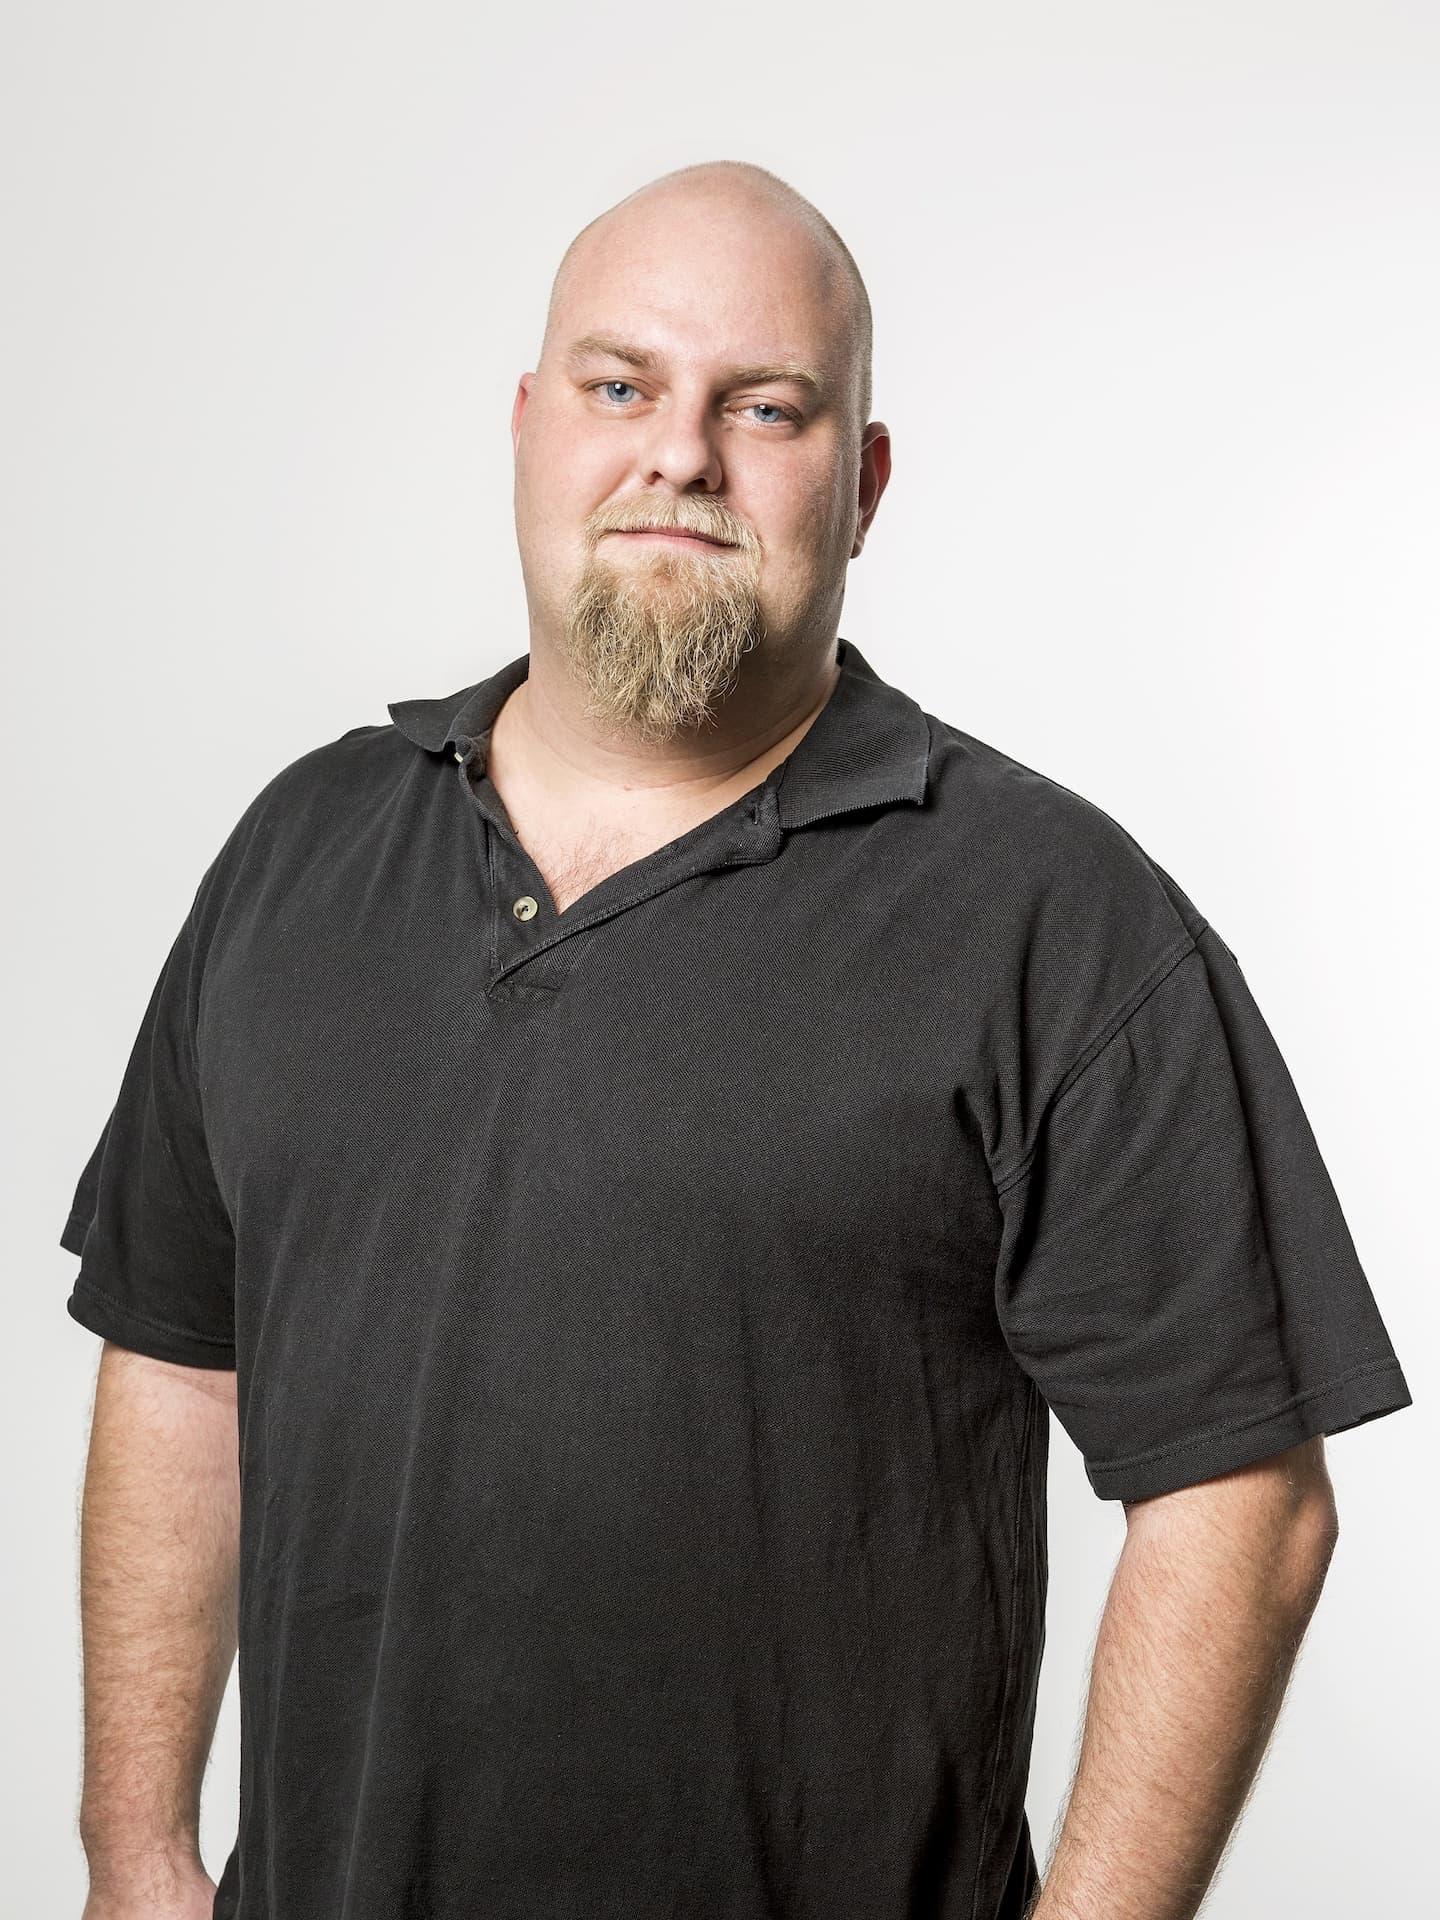 Marcus Springer